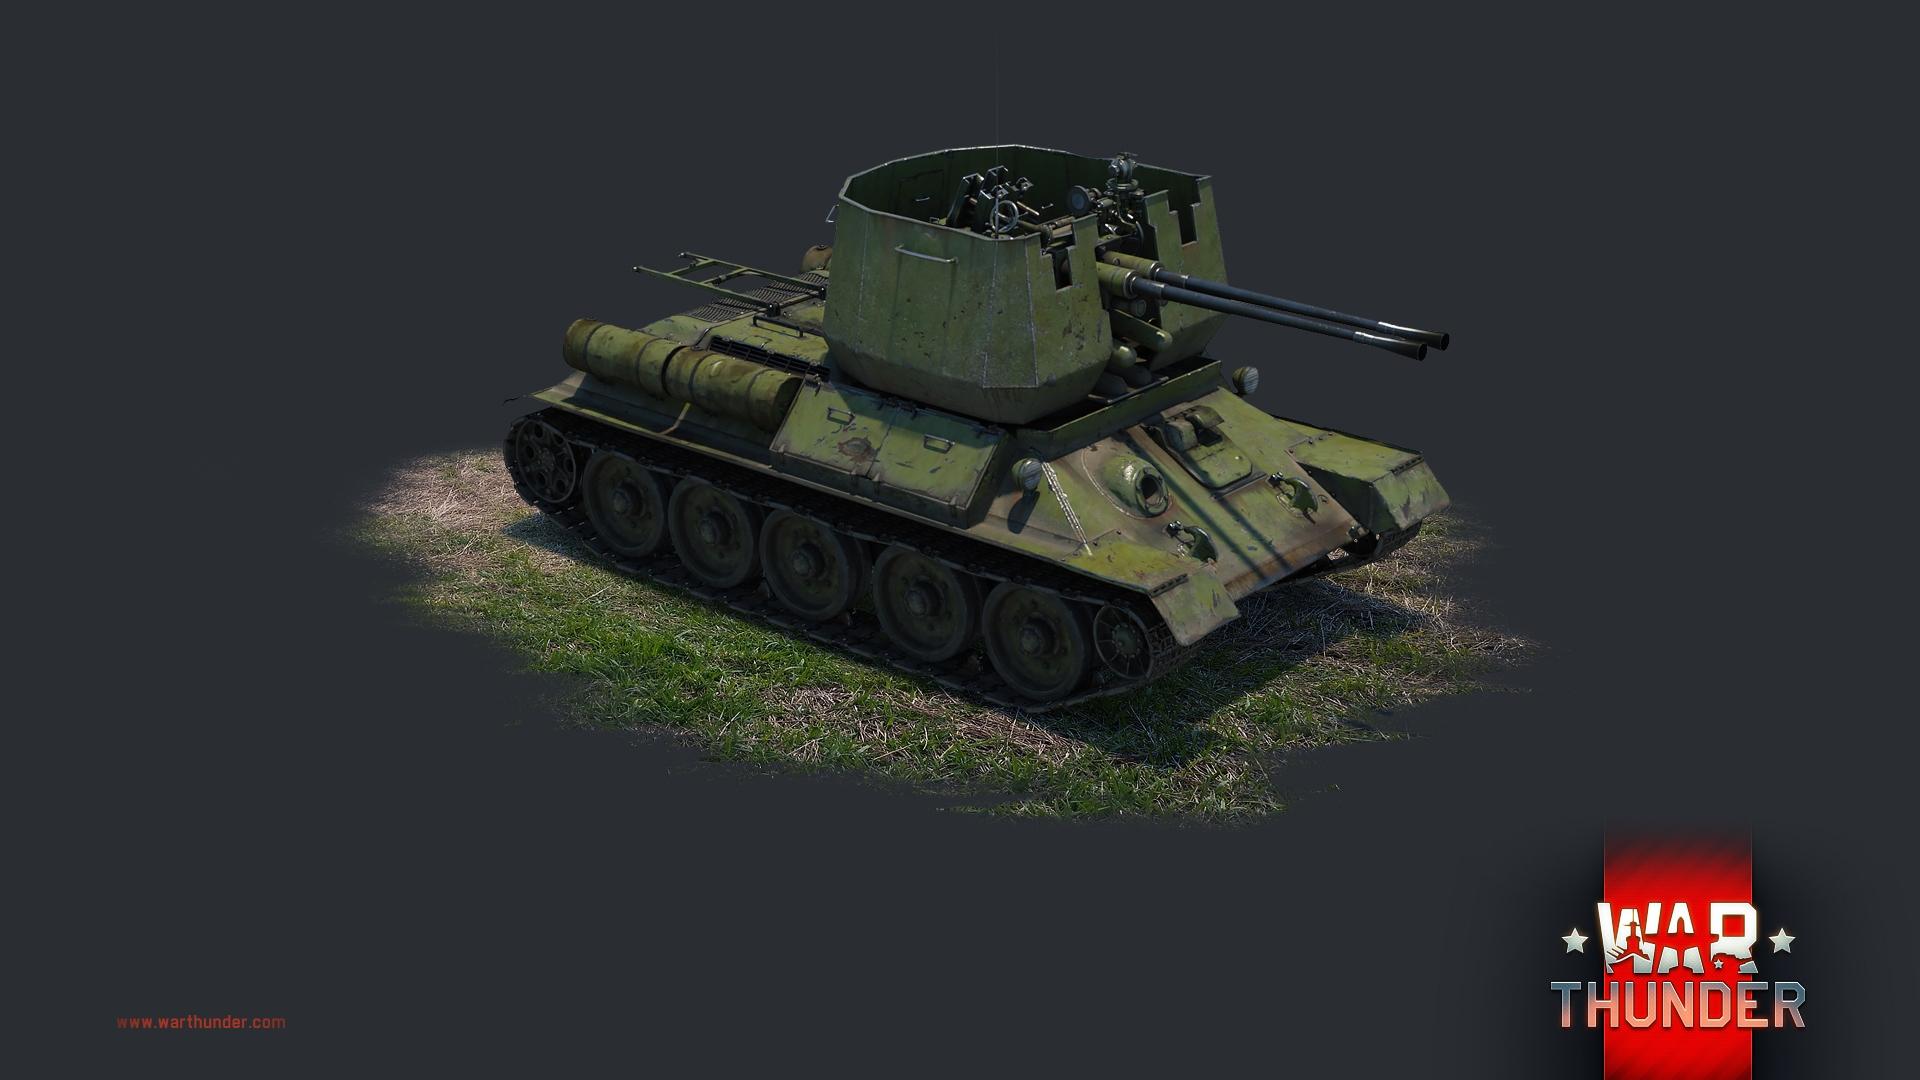 Každý z pěti národů má ve War Thunder vlastní torpédoborec 147717